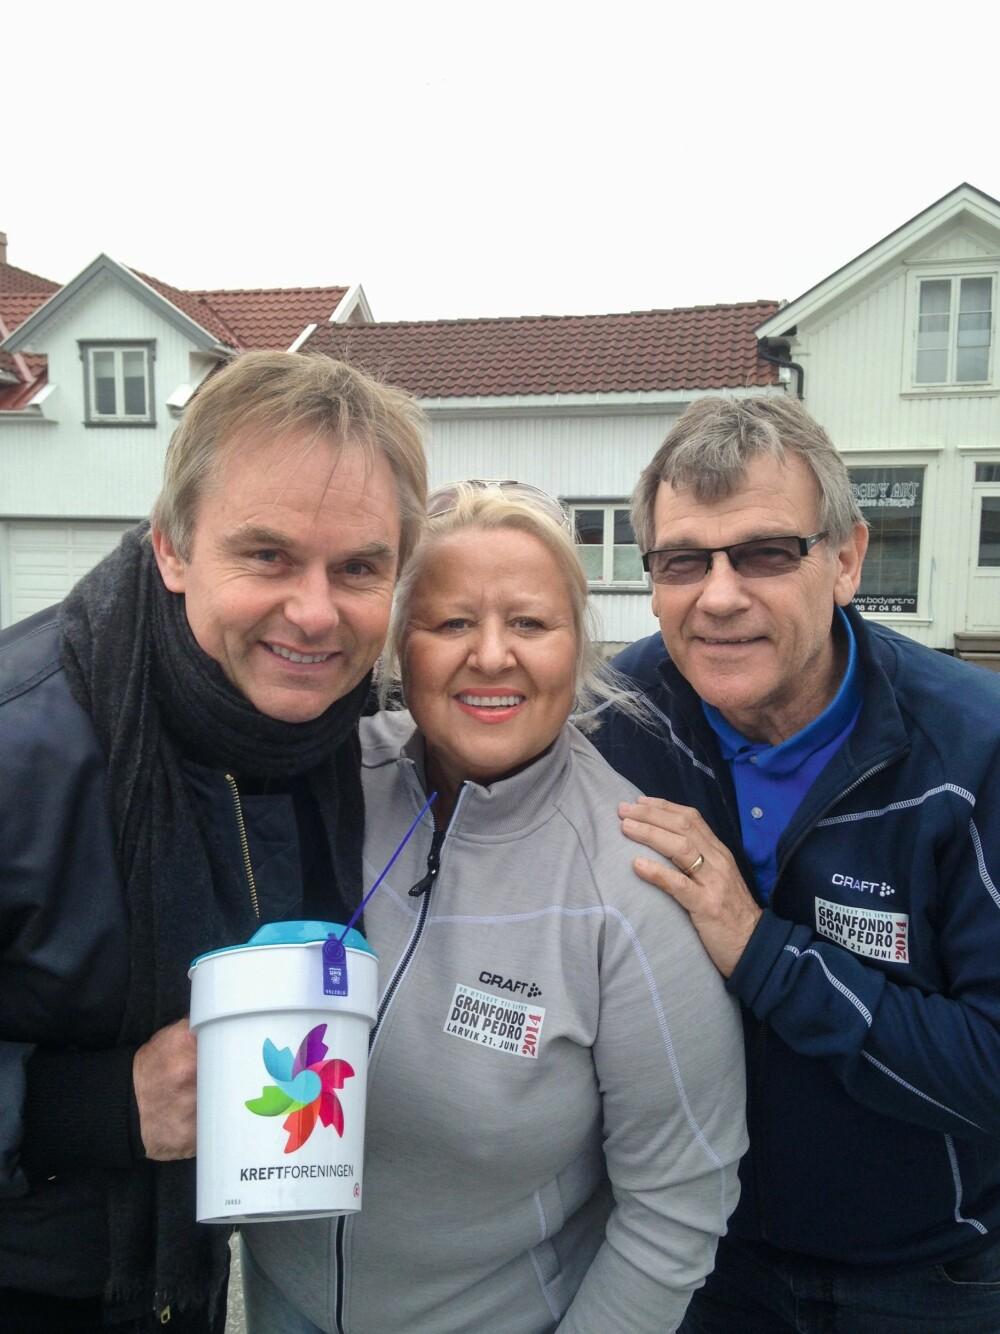 RØRENDE: Både Dag Erik og Kristin gråt etter fjorårets sykkelritt i Larvik. Her er de etter løpet sammen med den tidligere NRK-kommentatoren Ove Eriksen.